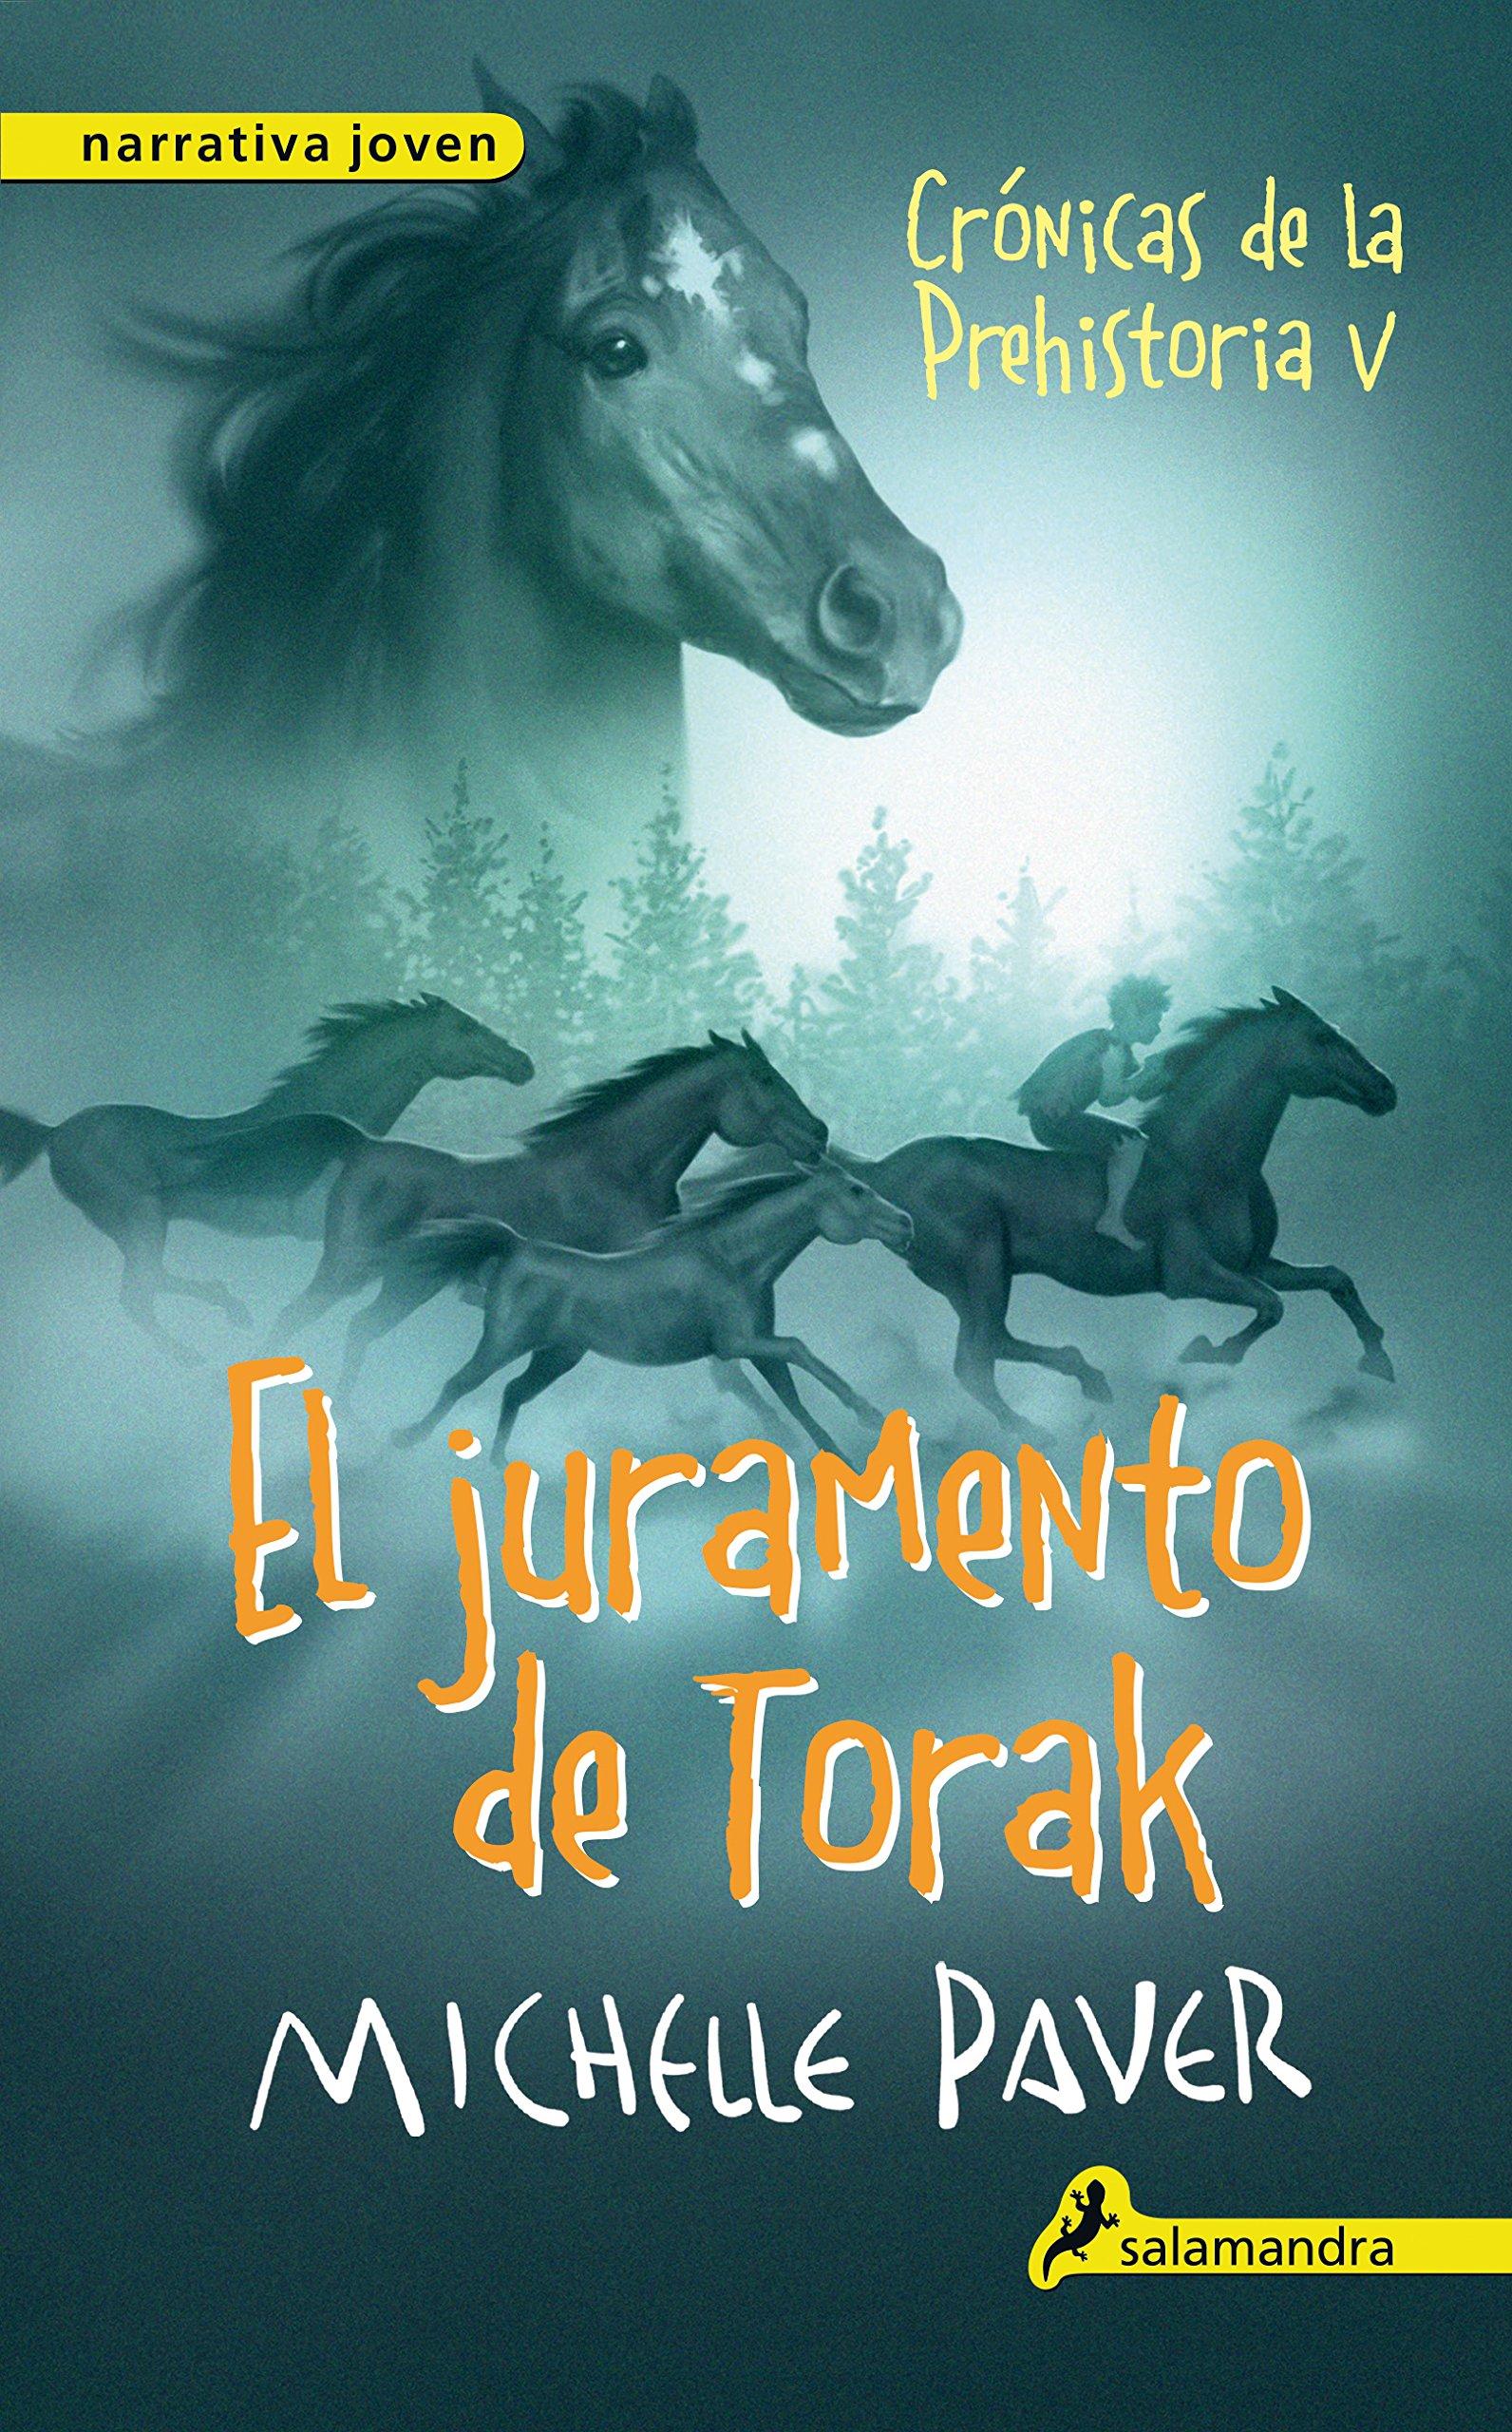 El juramento de Torak Crónicas de la Prehistoria 5 : Crónicas de la prehistoria V: Amazon.es: Paver, Michelle: Libros